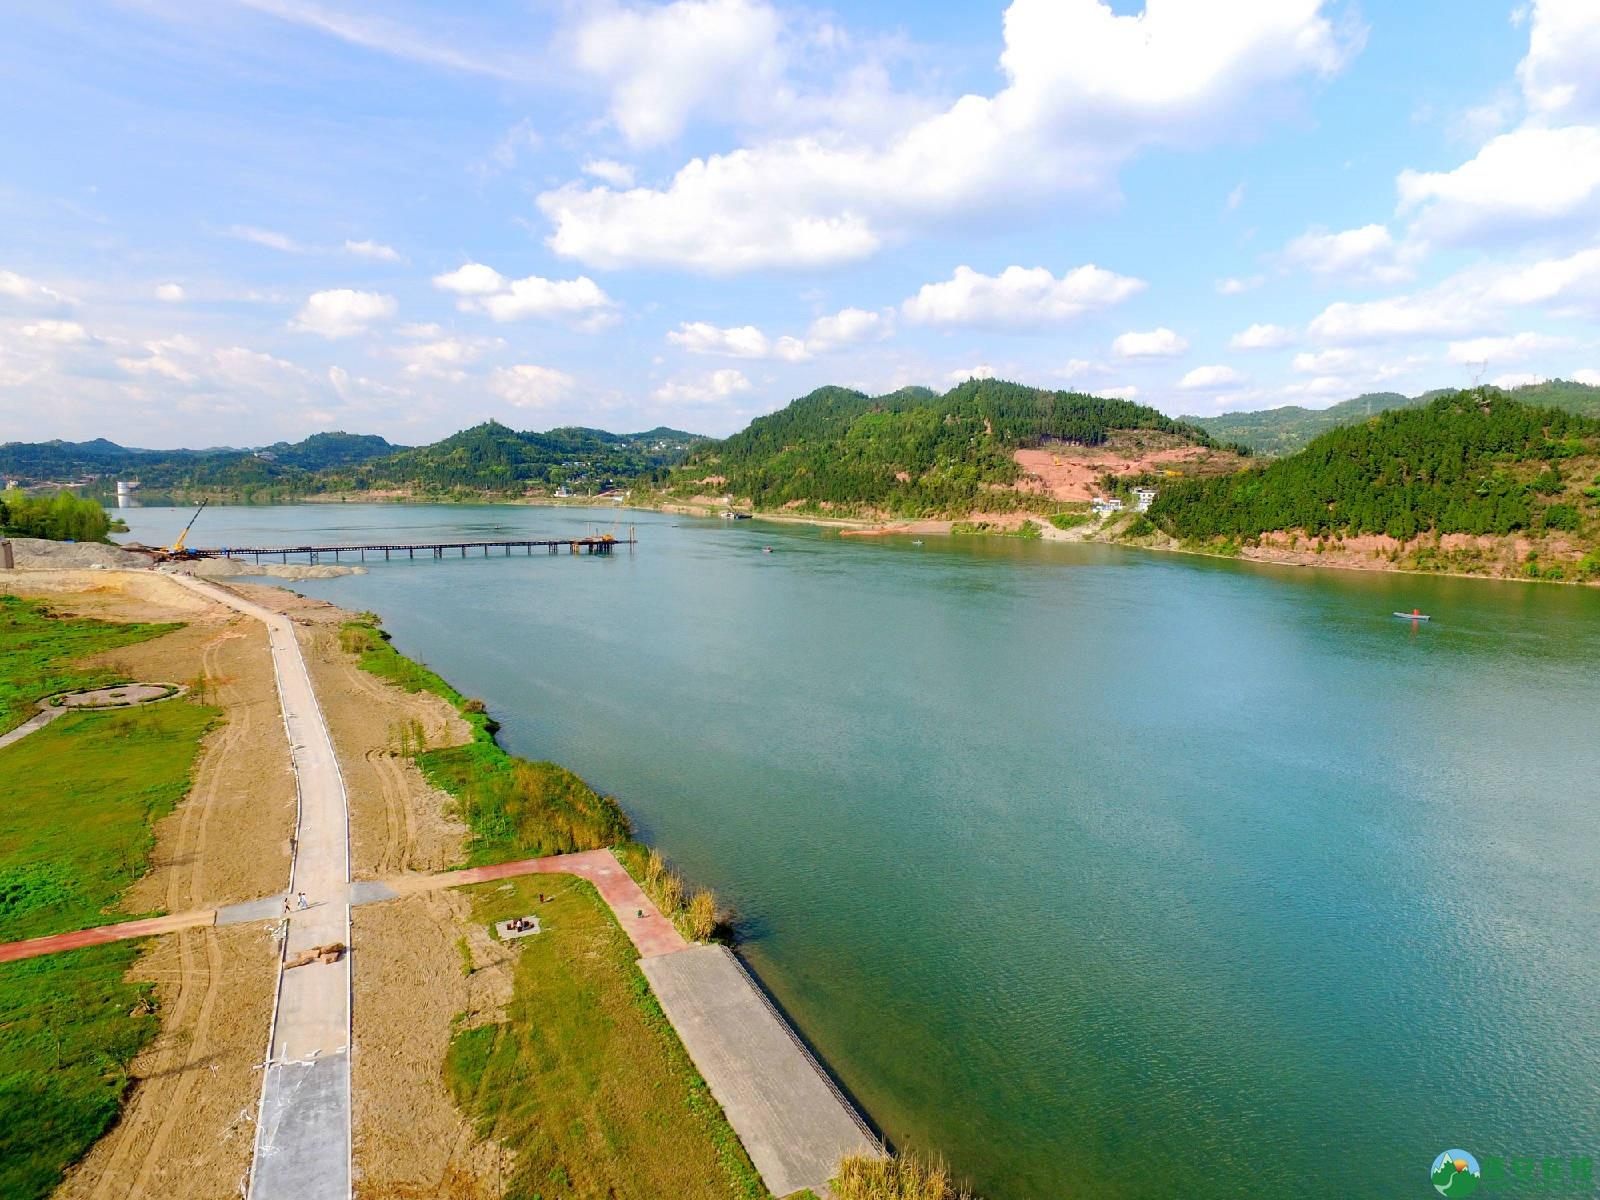 蓬安县锦屏镇湿地公园跑道、纵一道路、干一道工程进度(2018年4月6日) - 第3张  | 蓬安在线